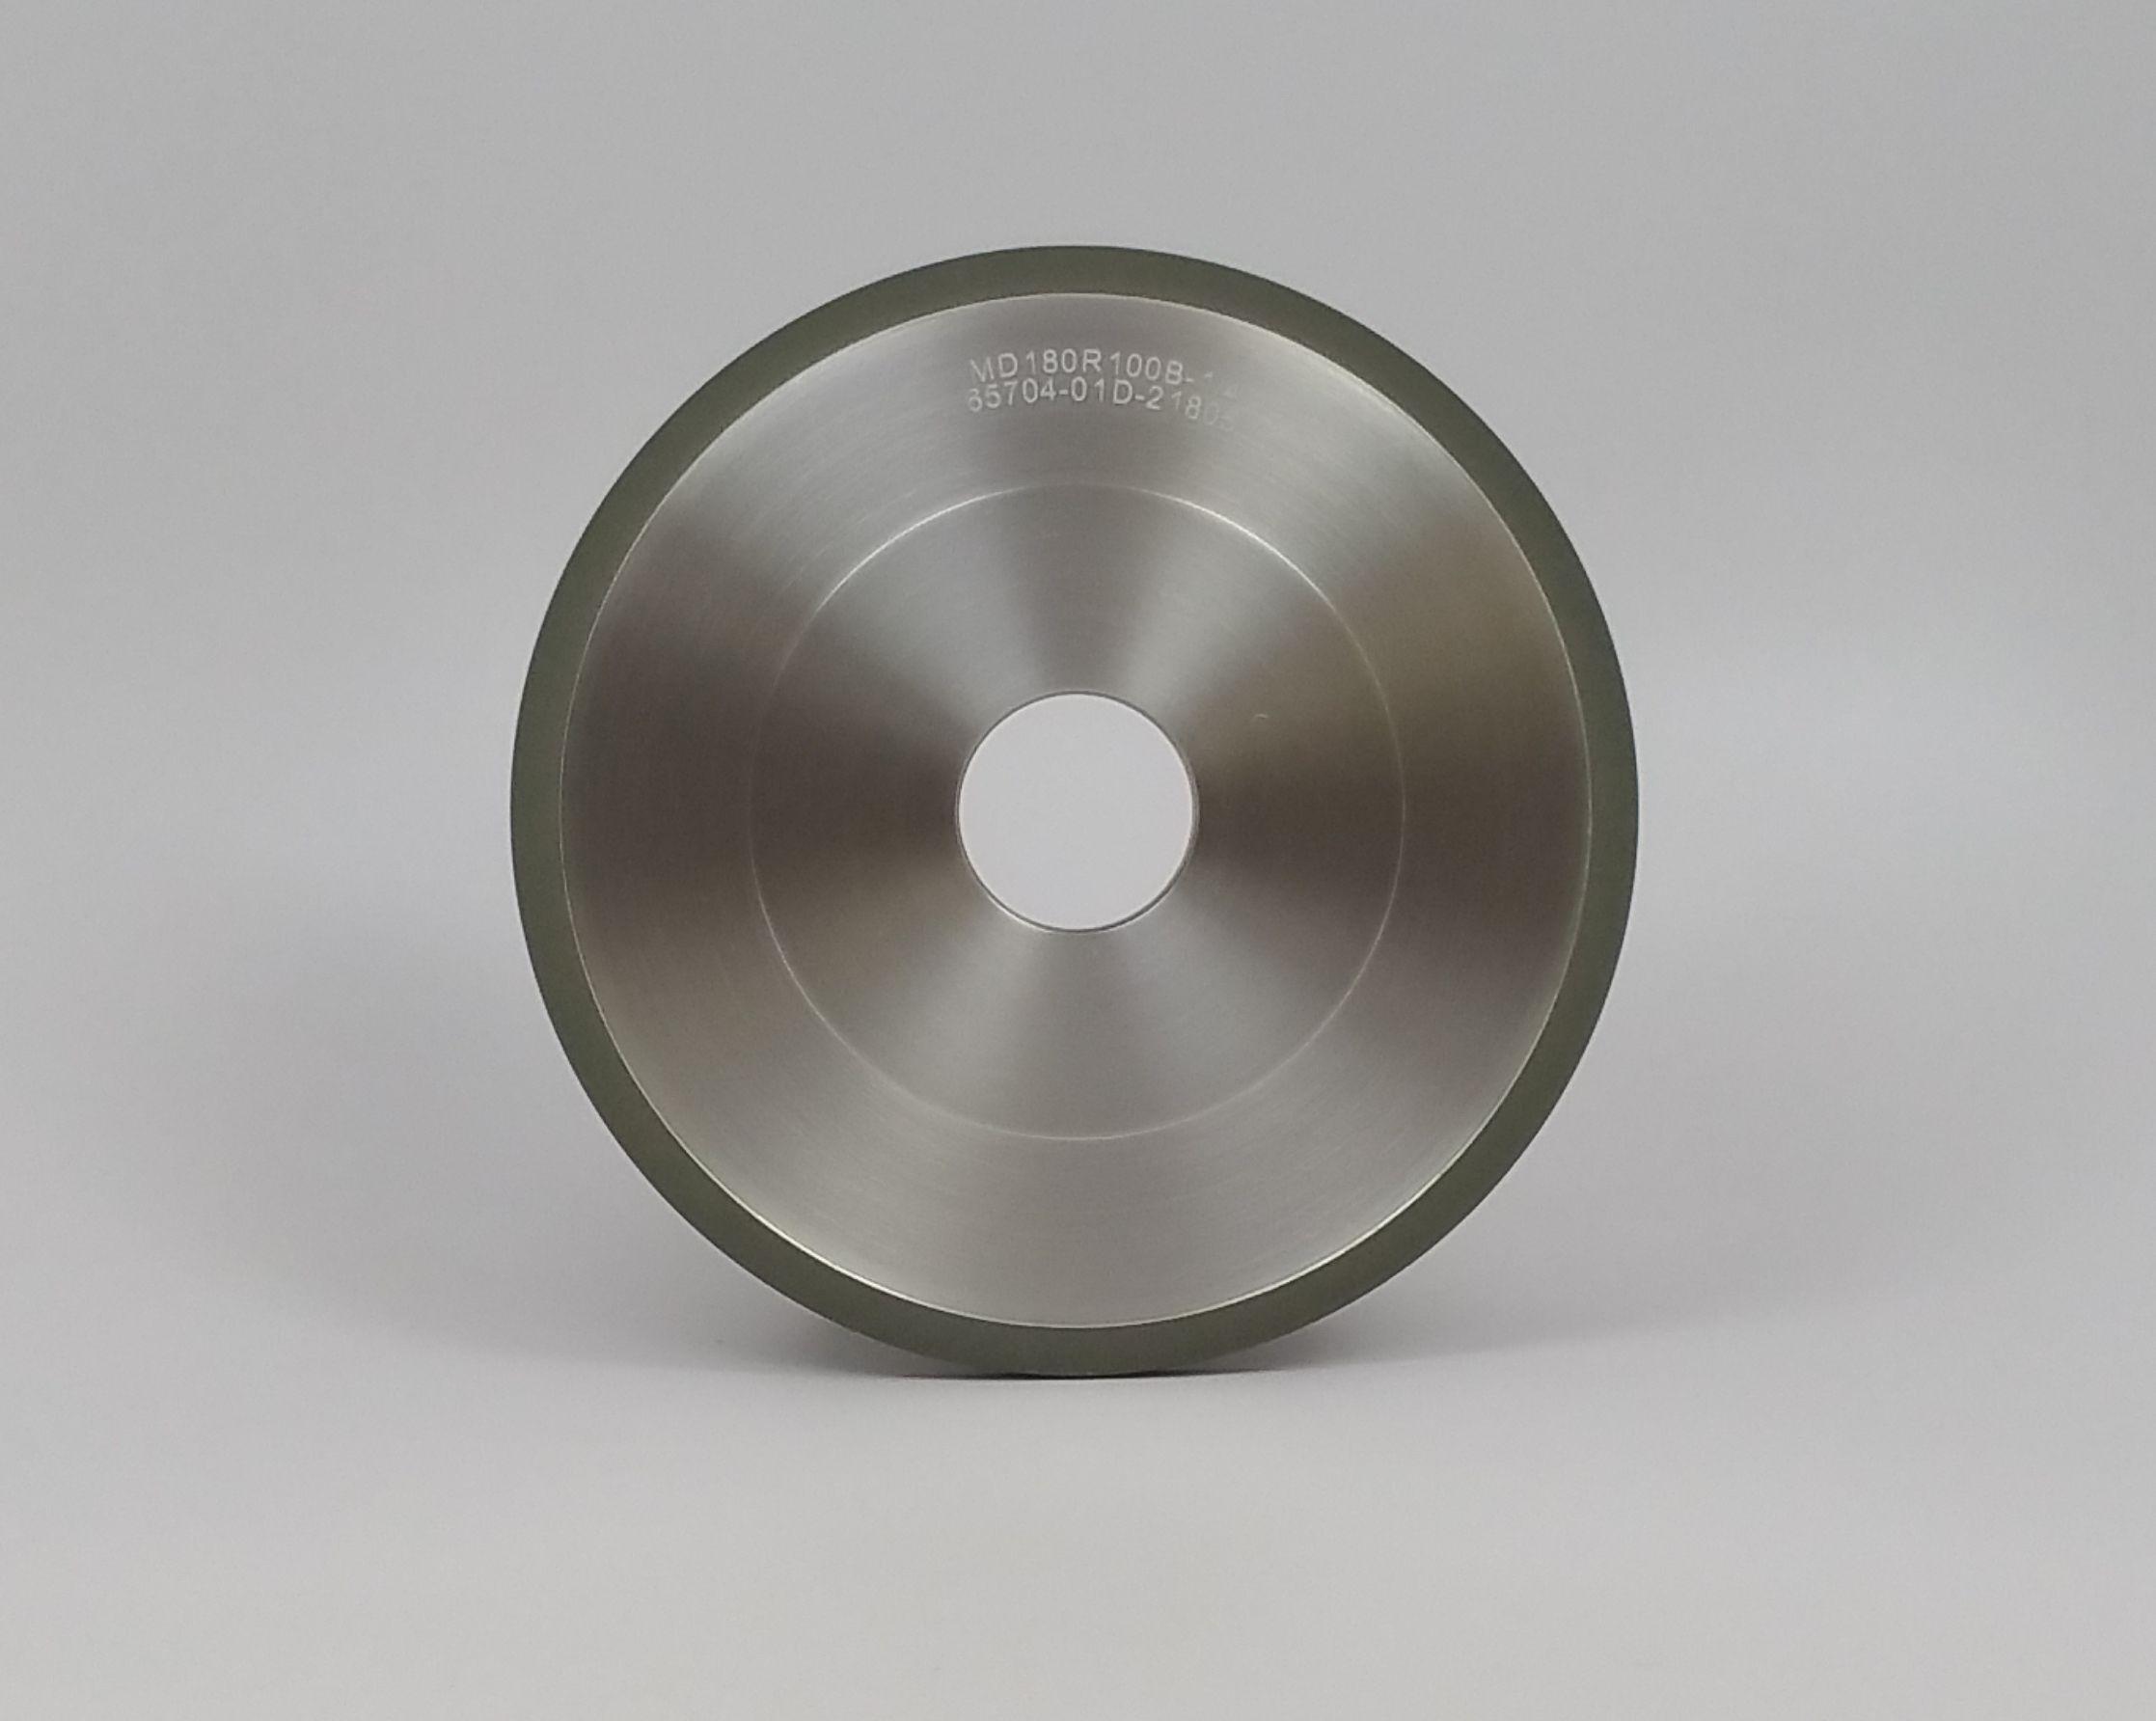 1a1-resin-bonded-wheel-standing.jpg